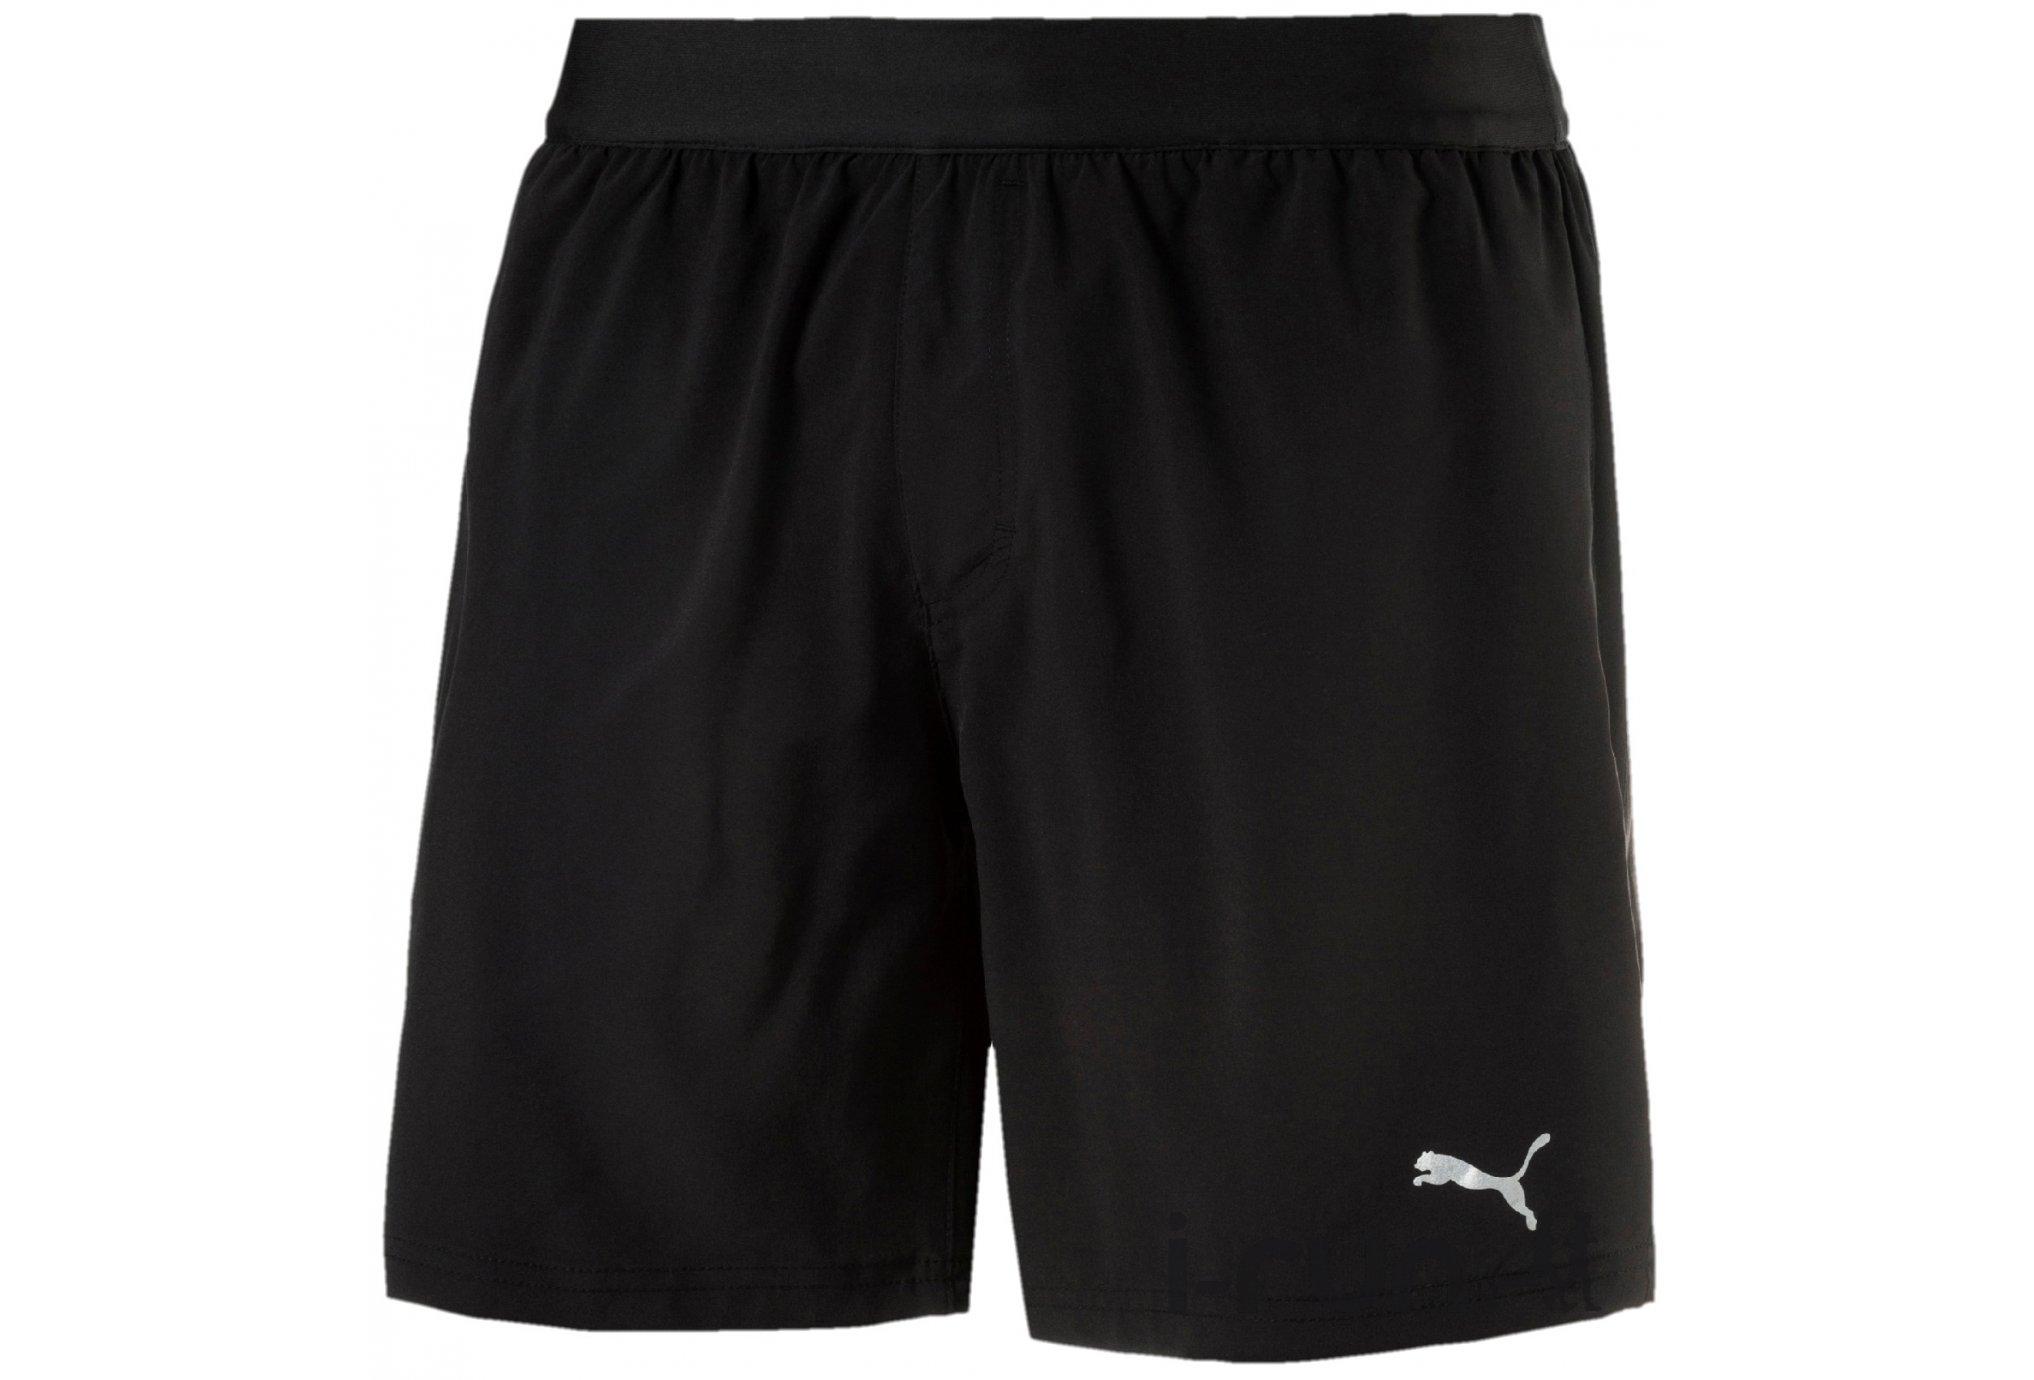 Puma Short Pace M vêtement running homme